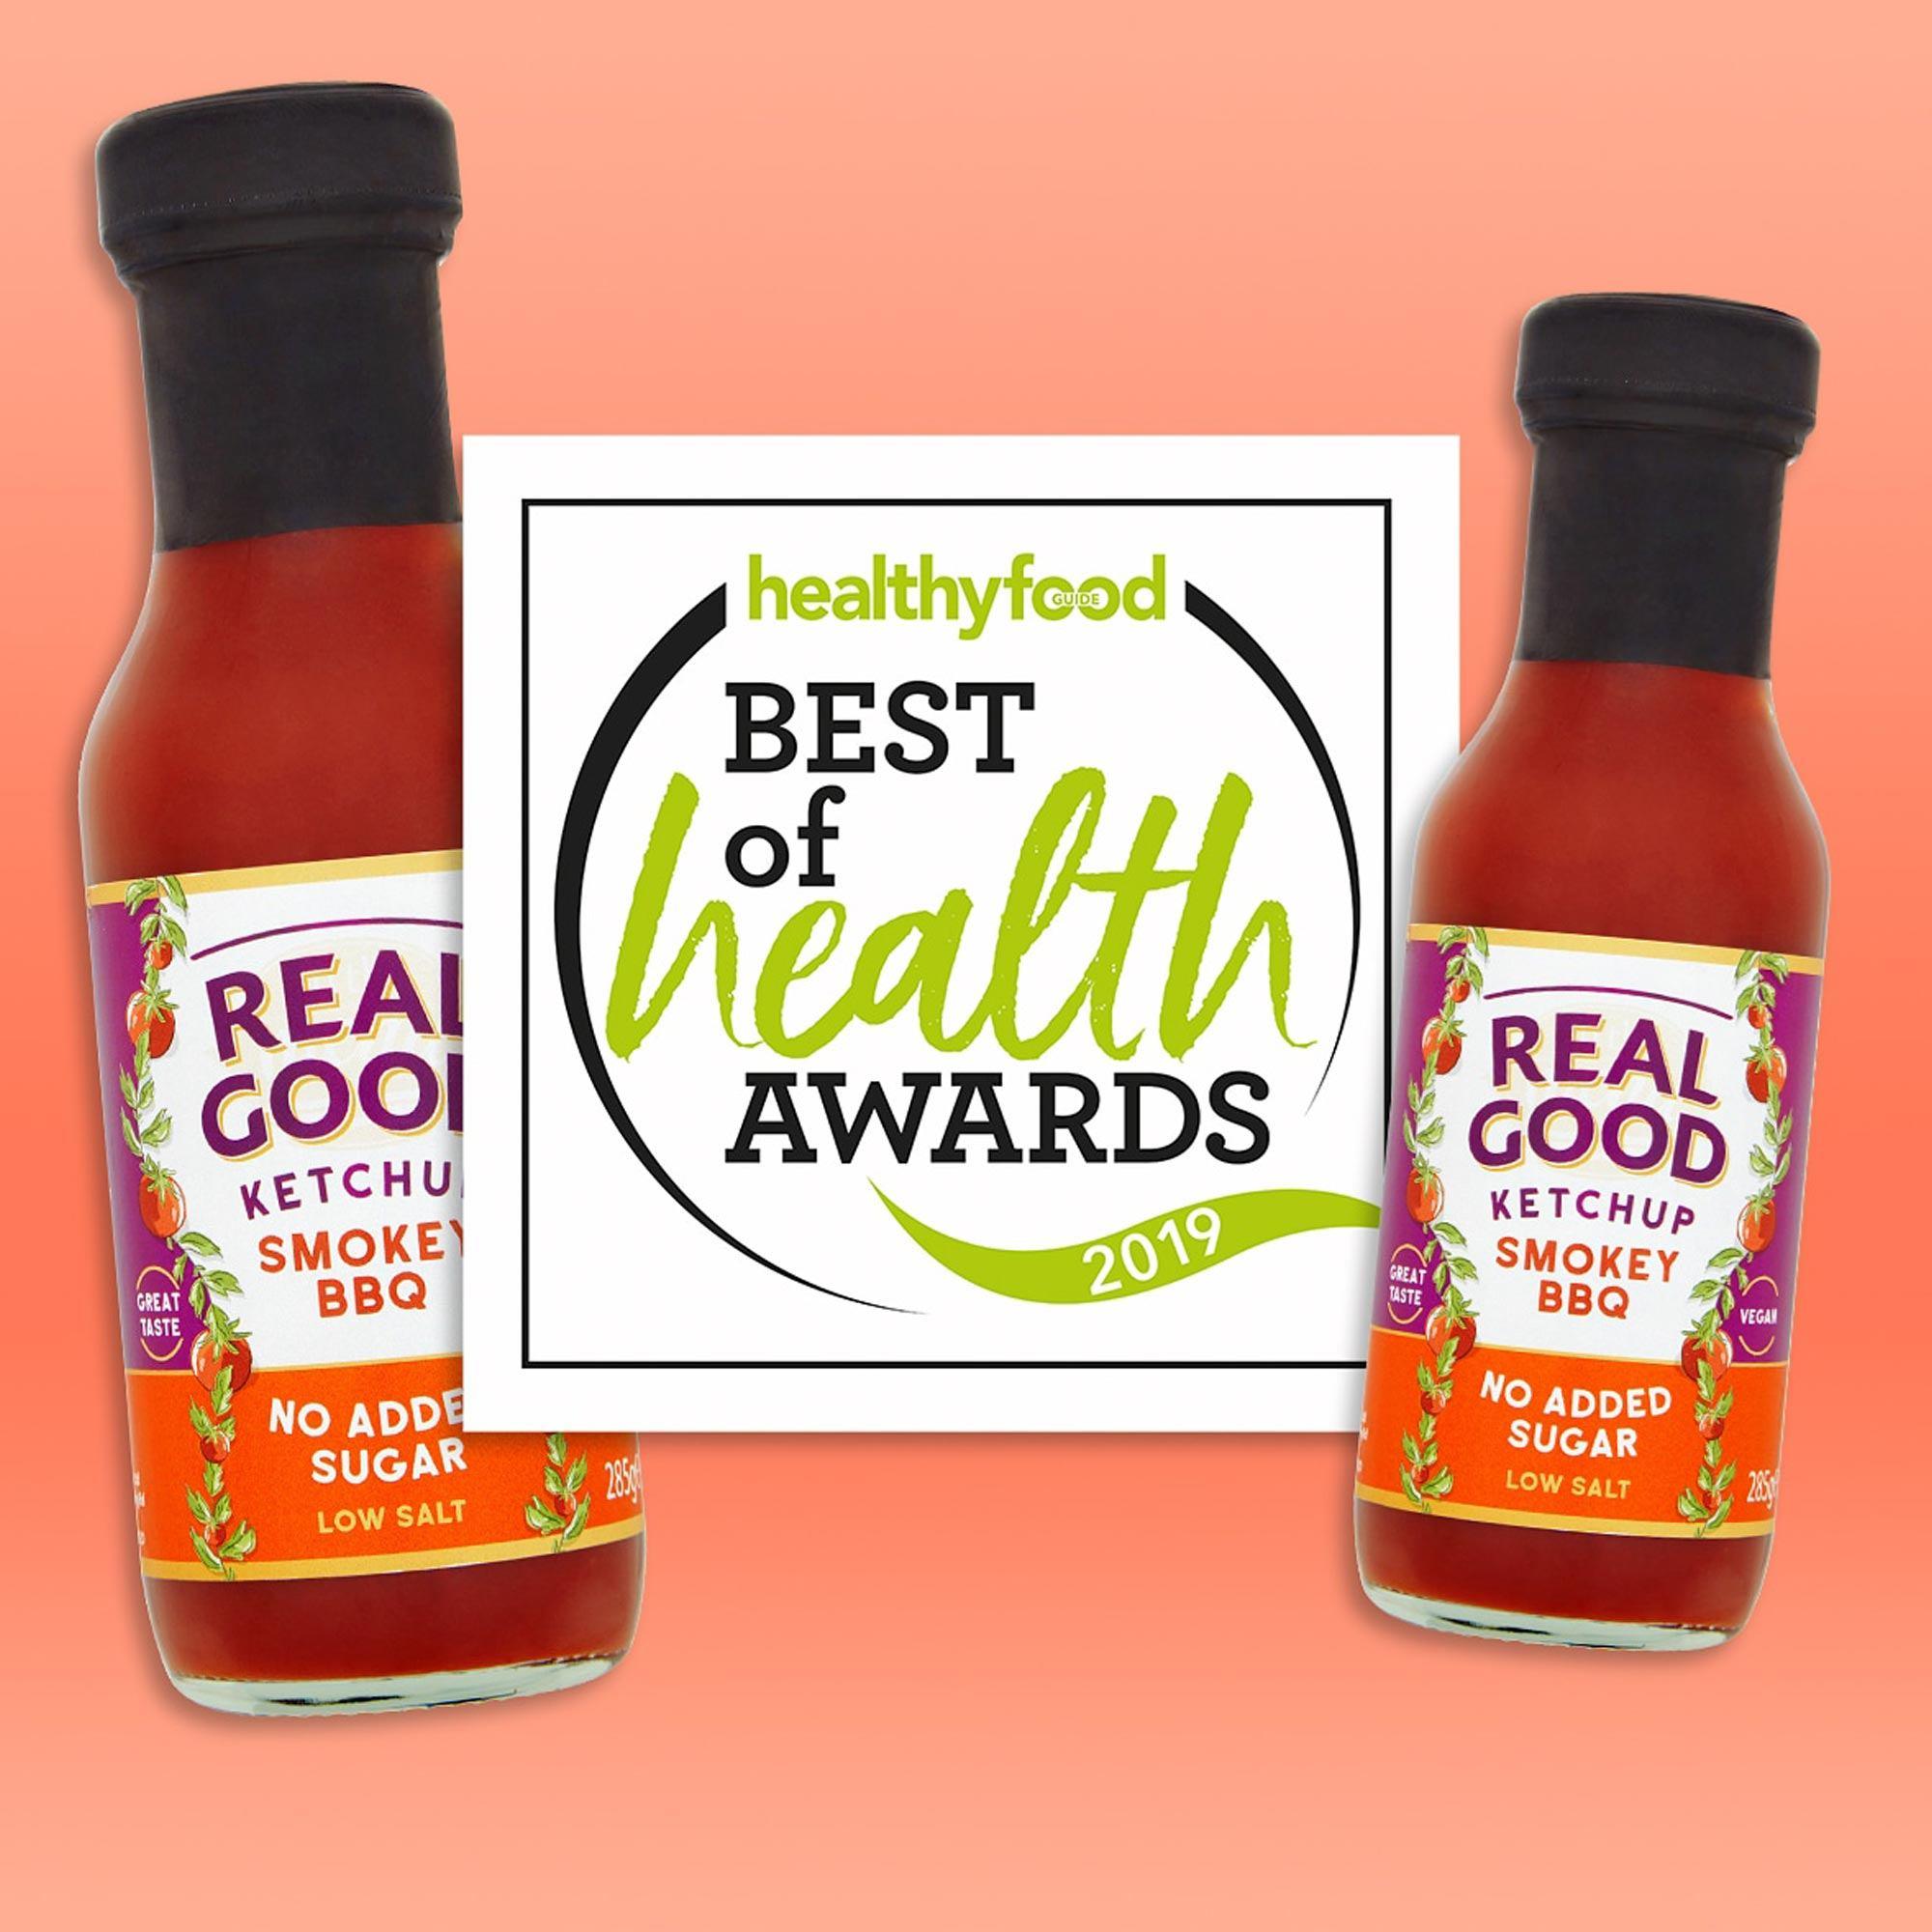 Real-Good-Tomato-Ketchup-Lifestyle-Image-8